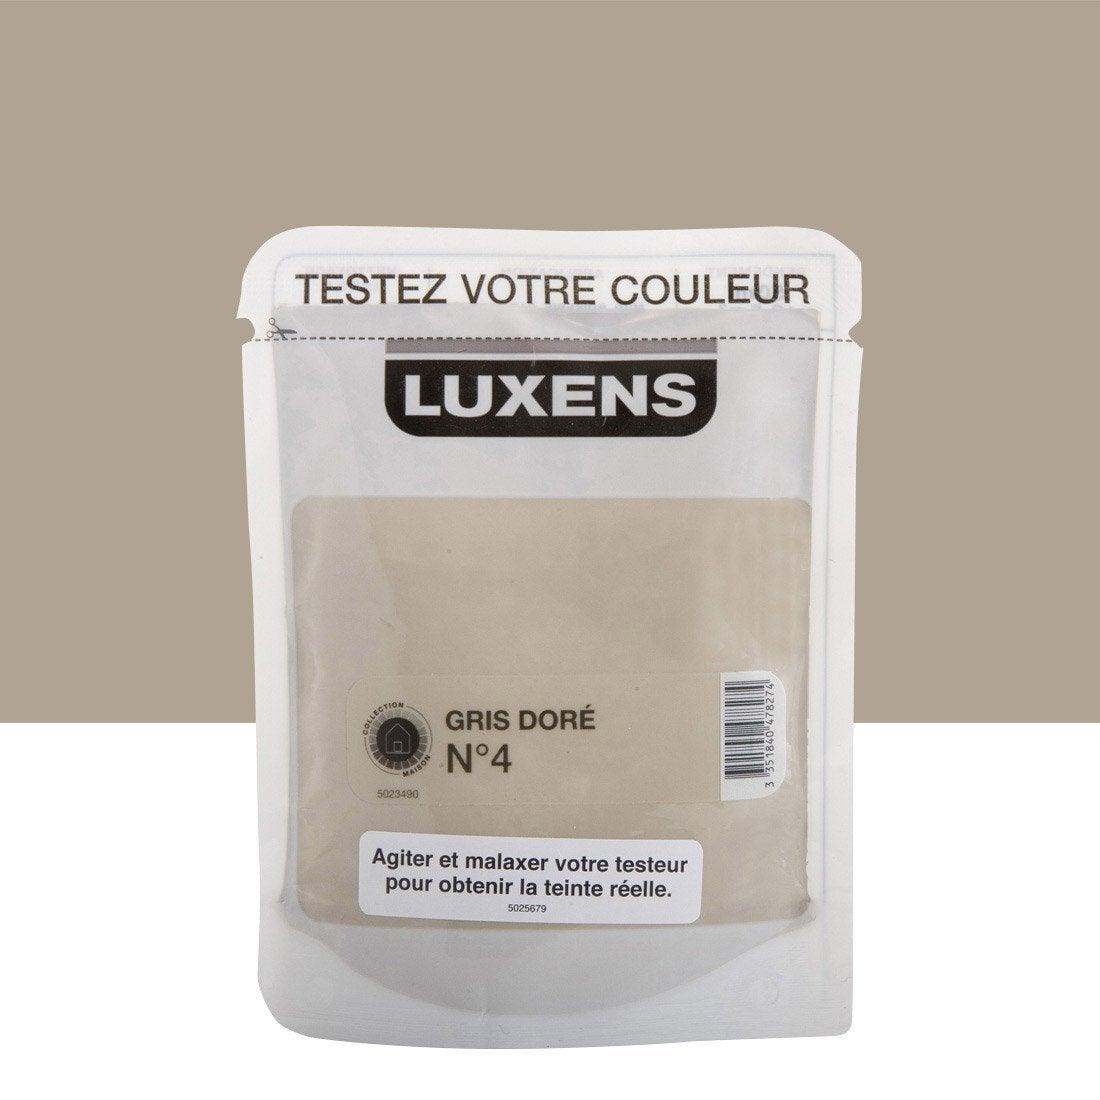 testeur peinture gris dor 4 luxens couleurs int rieures satin l leroy merlin. Black Bedroom Furniture Sets. Home Design Ideas